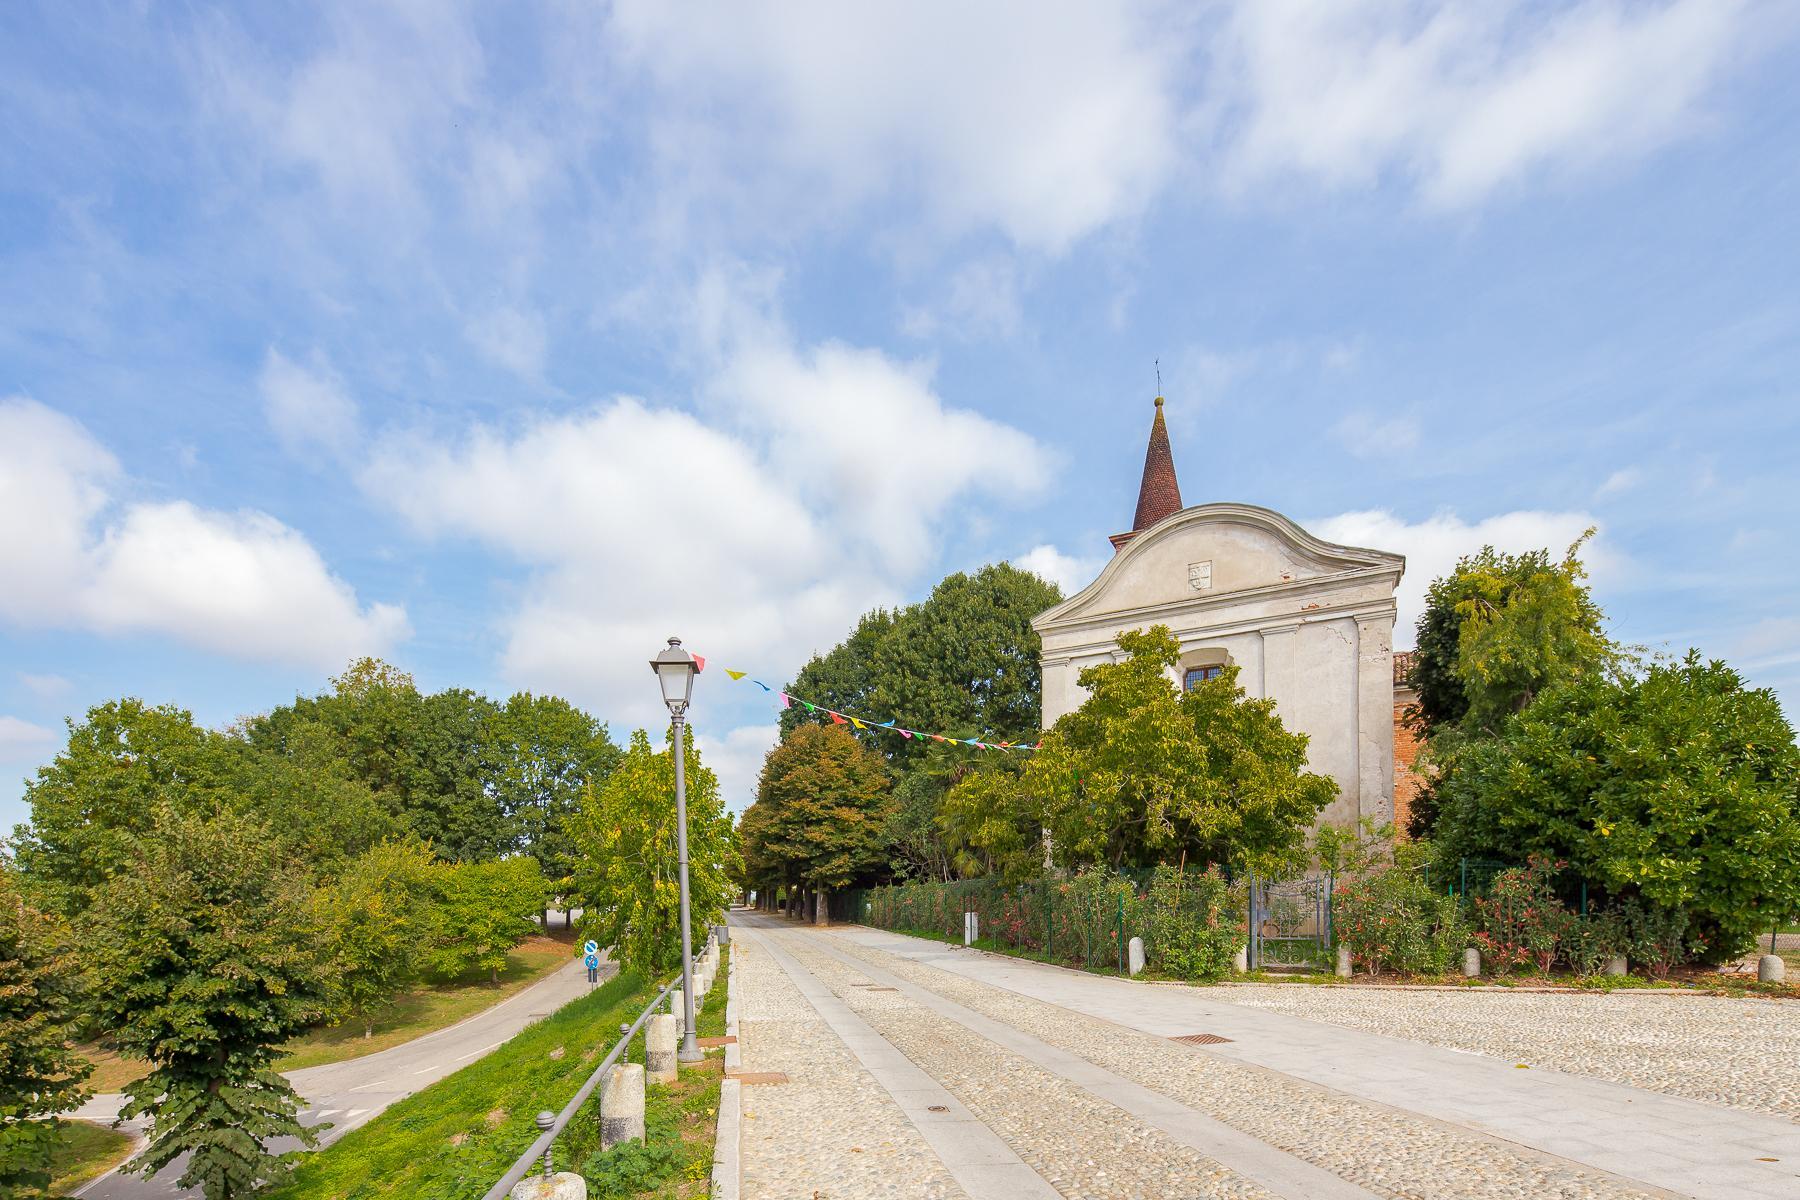 Storica chiesa sconsacrata, adibita ad abitazione, con giardino - 32